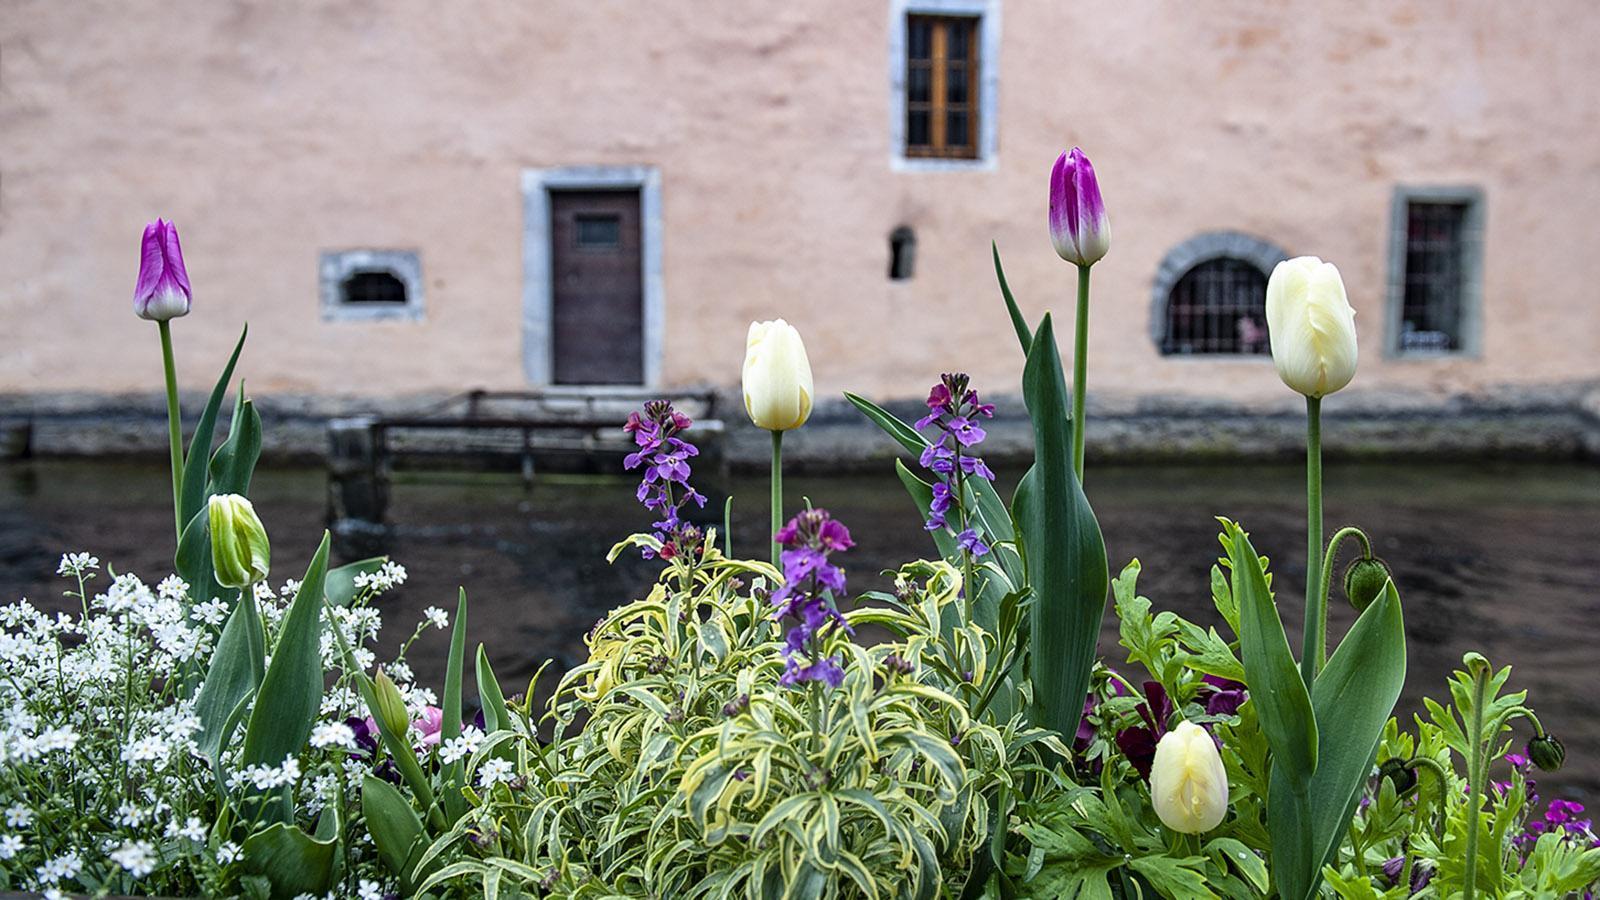 Sonntagsmarkt von Annecy: Die Kanäle sind mit Blumen geschmückt. Foto: Hilke Maunder